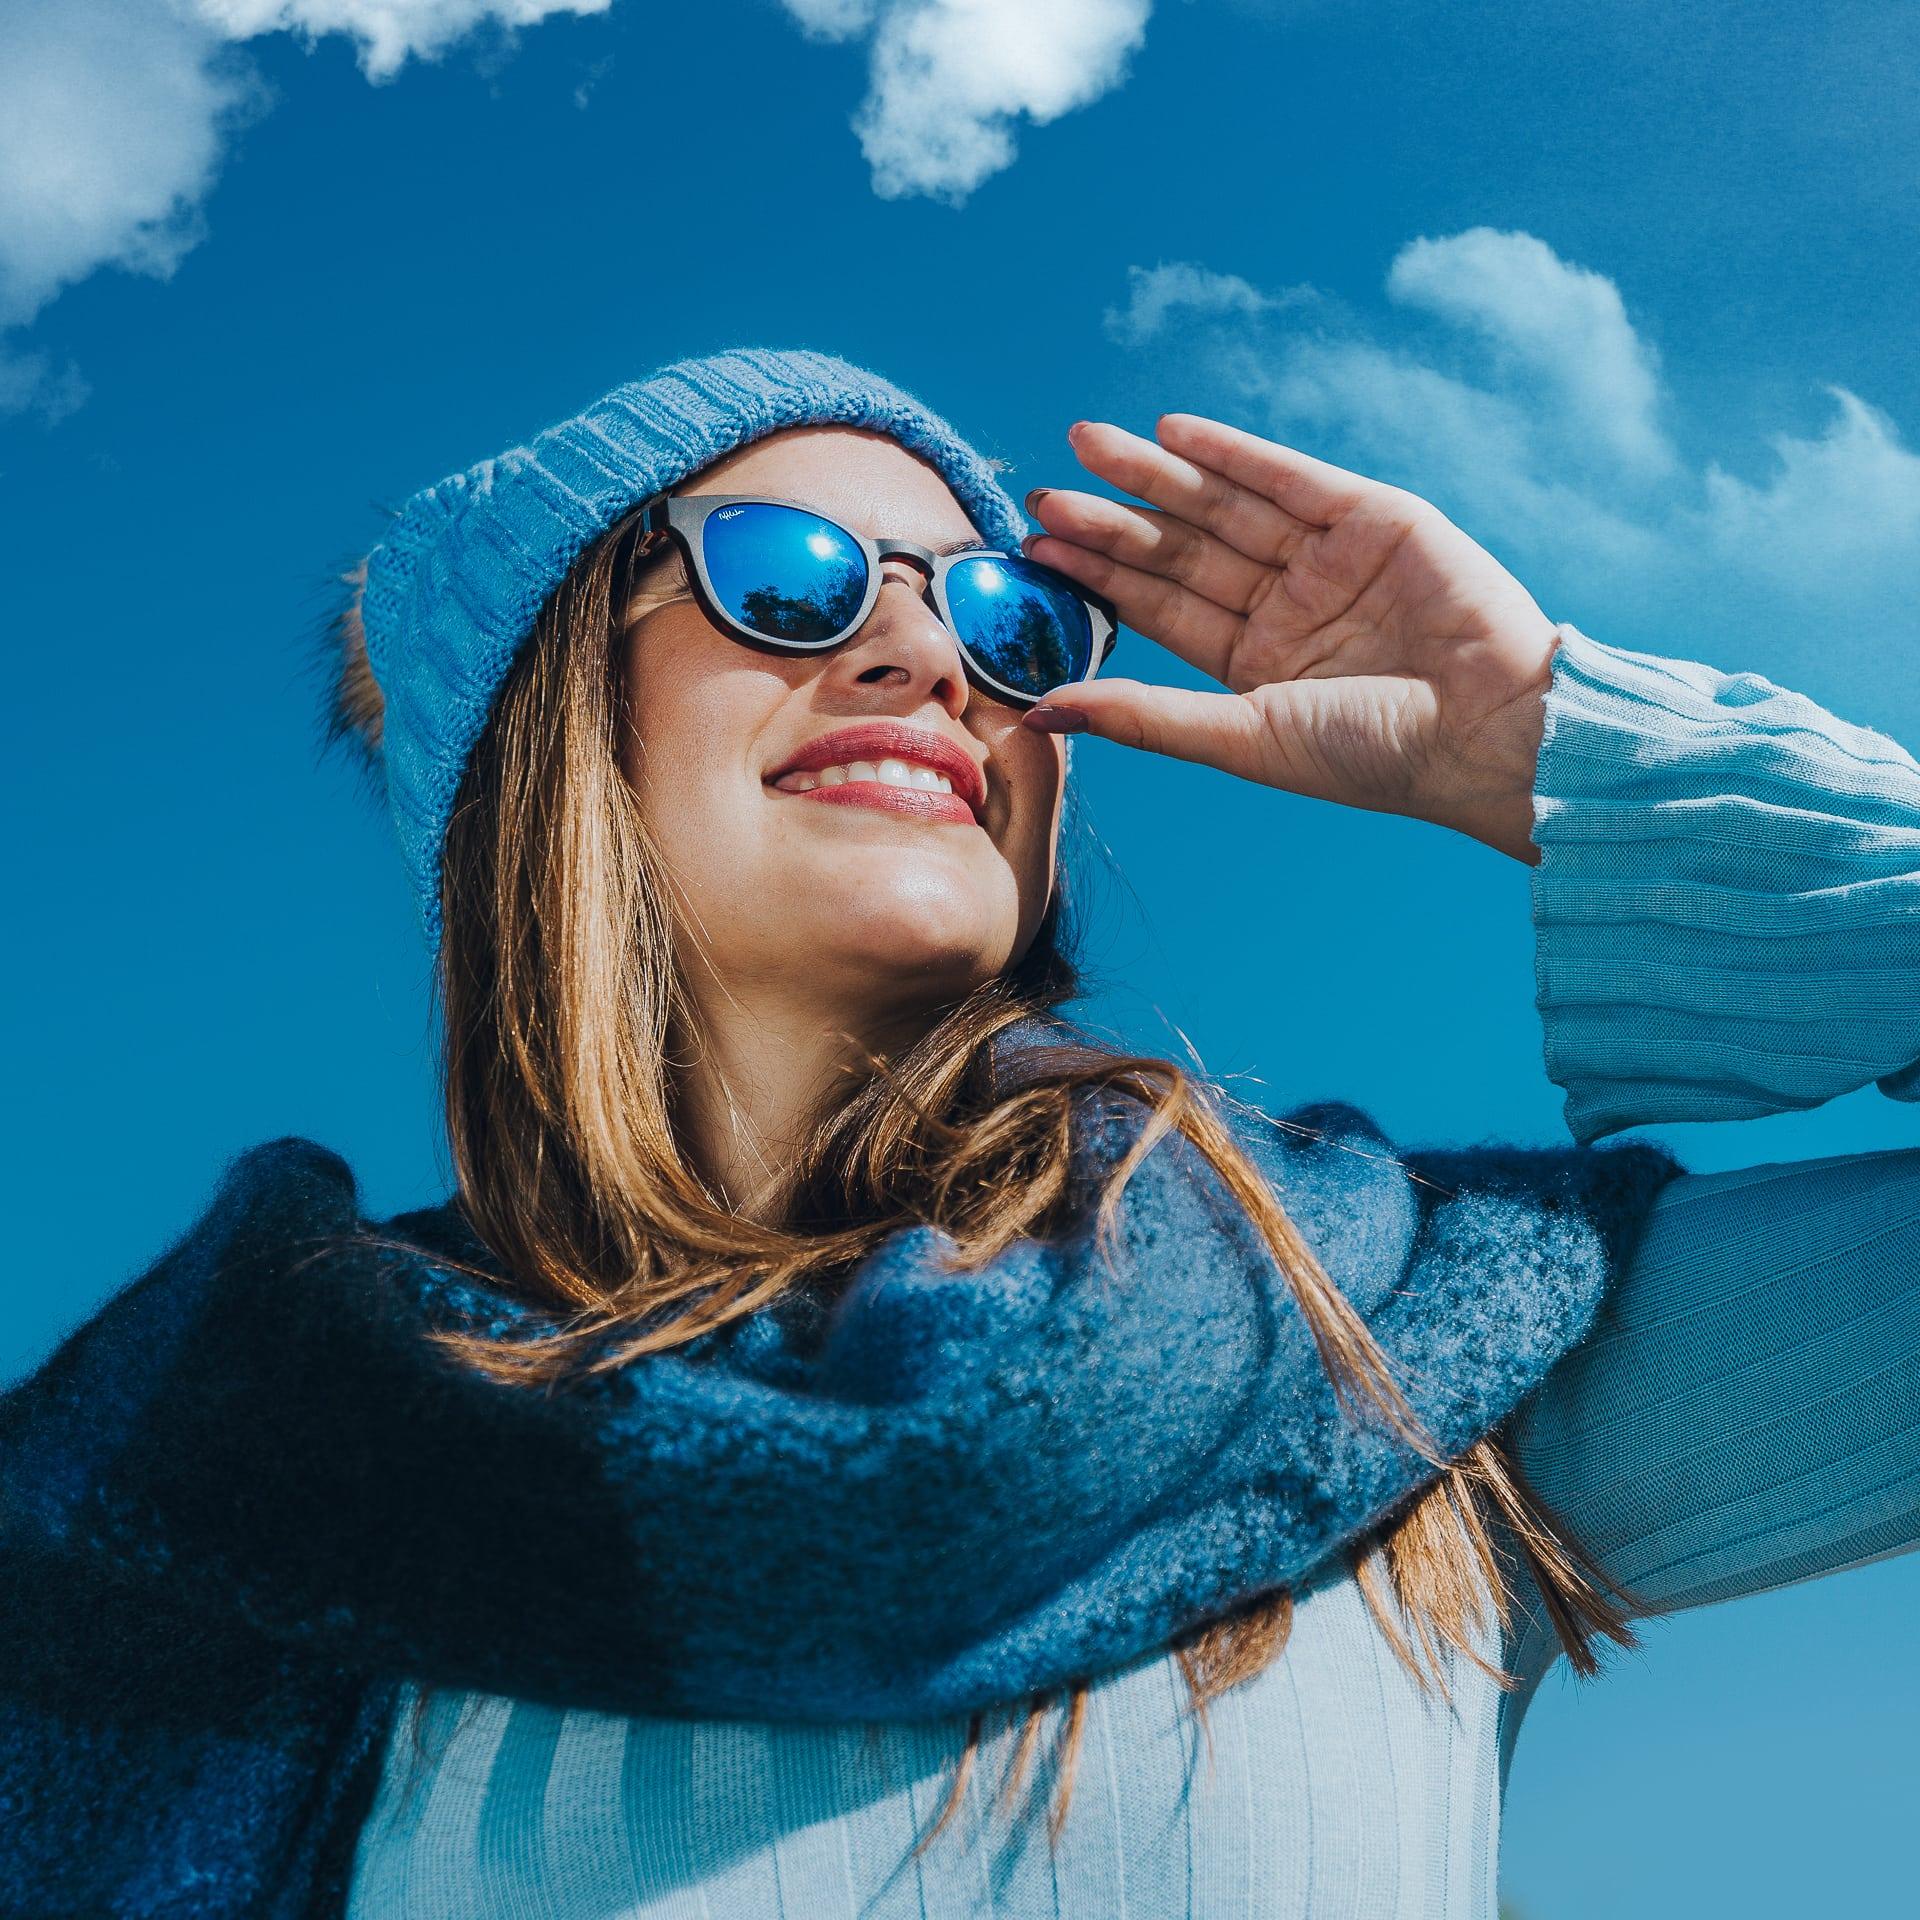 2dccb2673e ¿Cómo debes elegir unas gafas de sol para la nieve? - Voilà by Afflelou –  Blog de oftalmología de Alain Afflelou